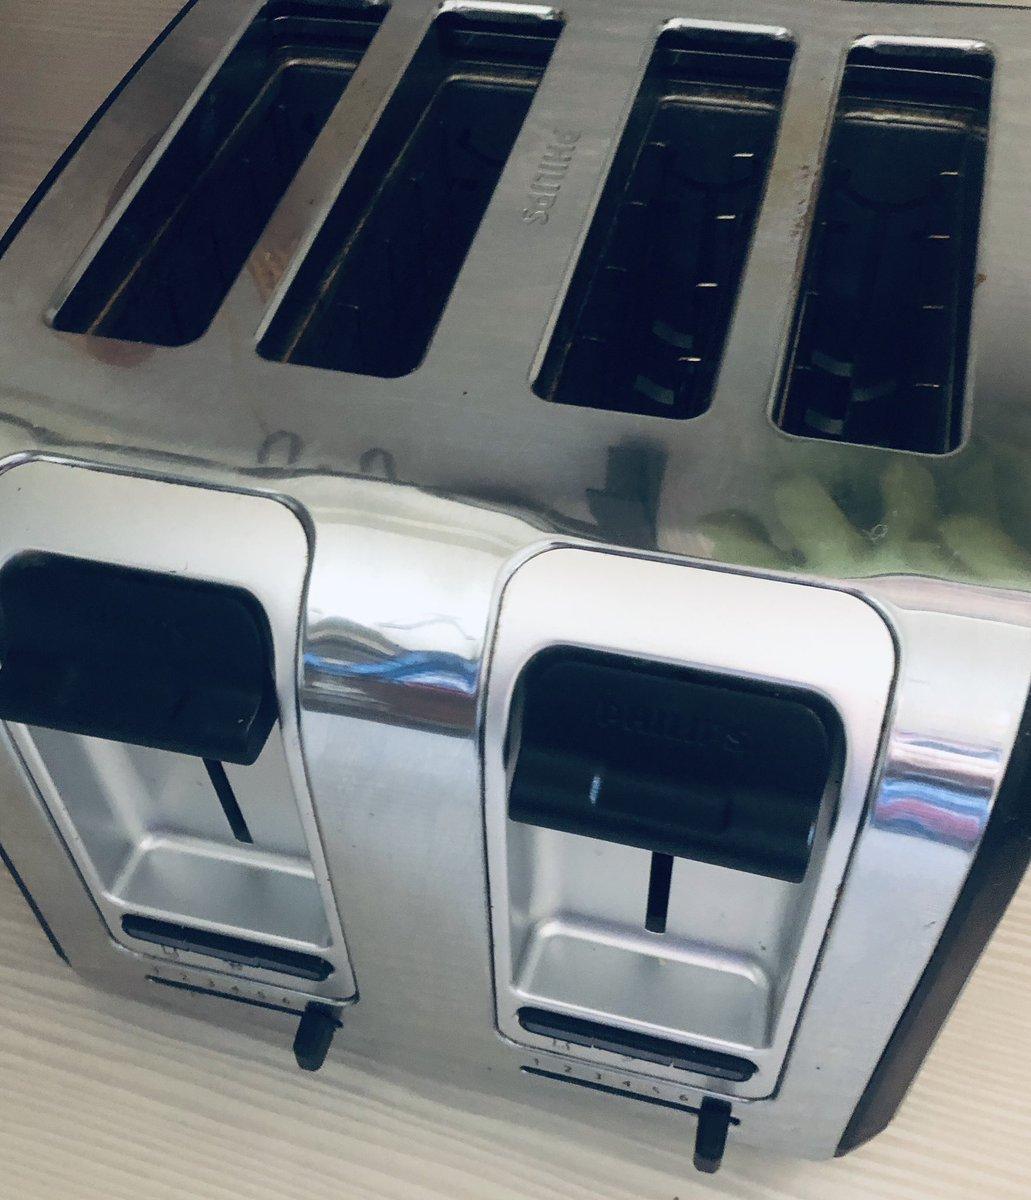 Was haben alle Designer von Toastern gemeinsam, egal ob billig oder teuer? Sie müssen sie offenbar nicht selbst reinigen. pic.twitter.com/r7N6xZz8Fn  by Dr. med. Eva Maria Strobl